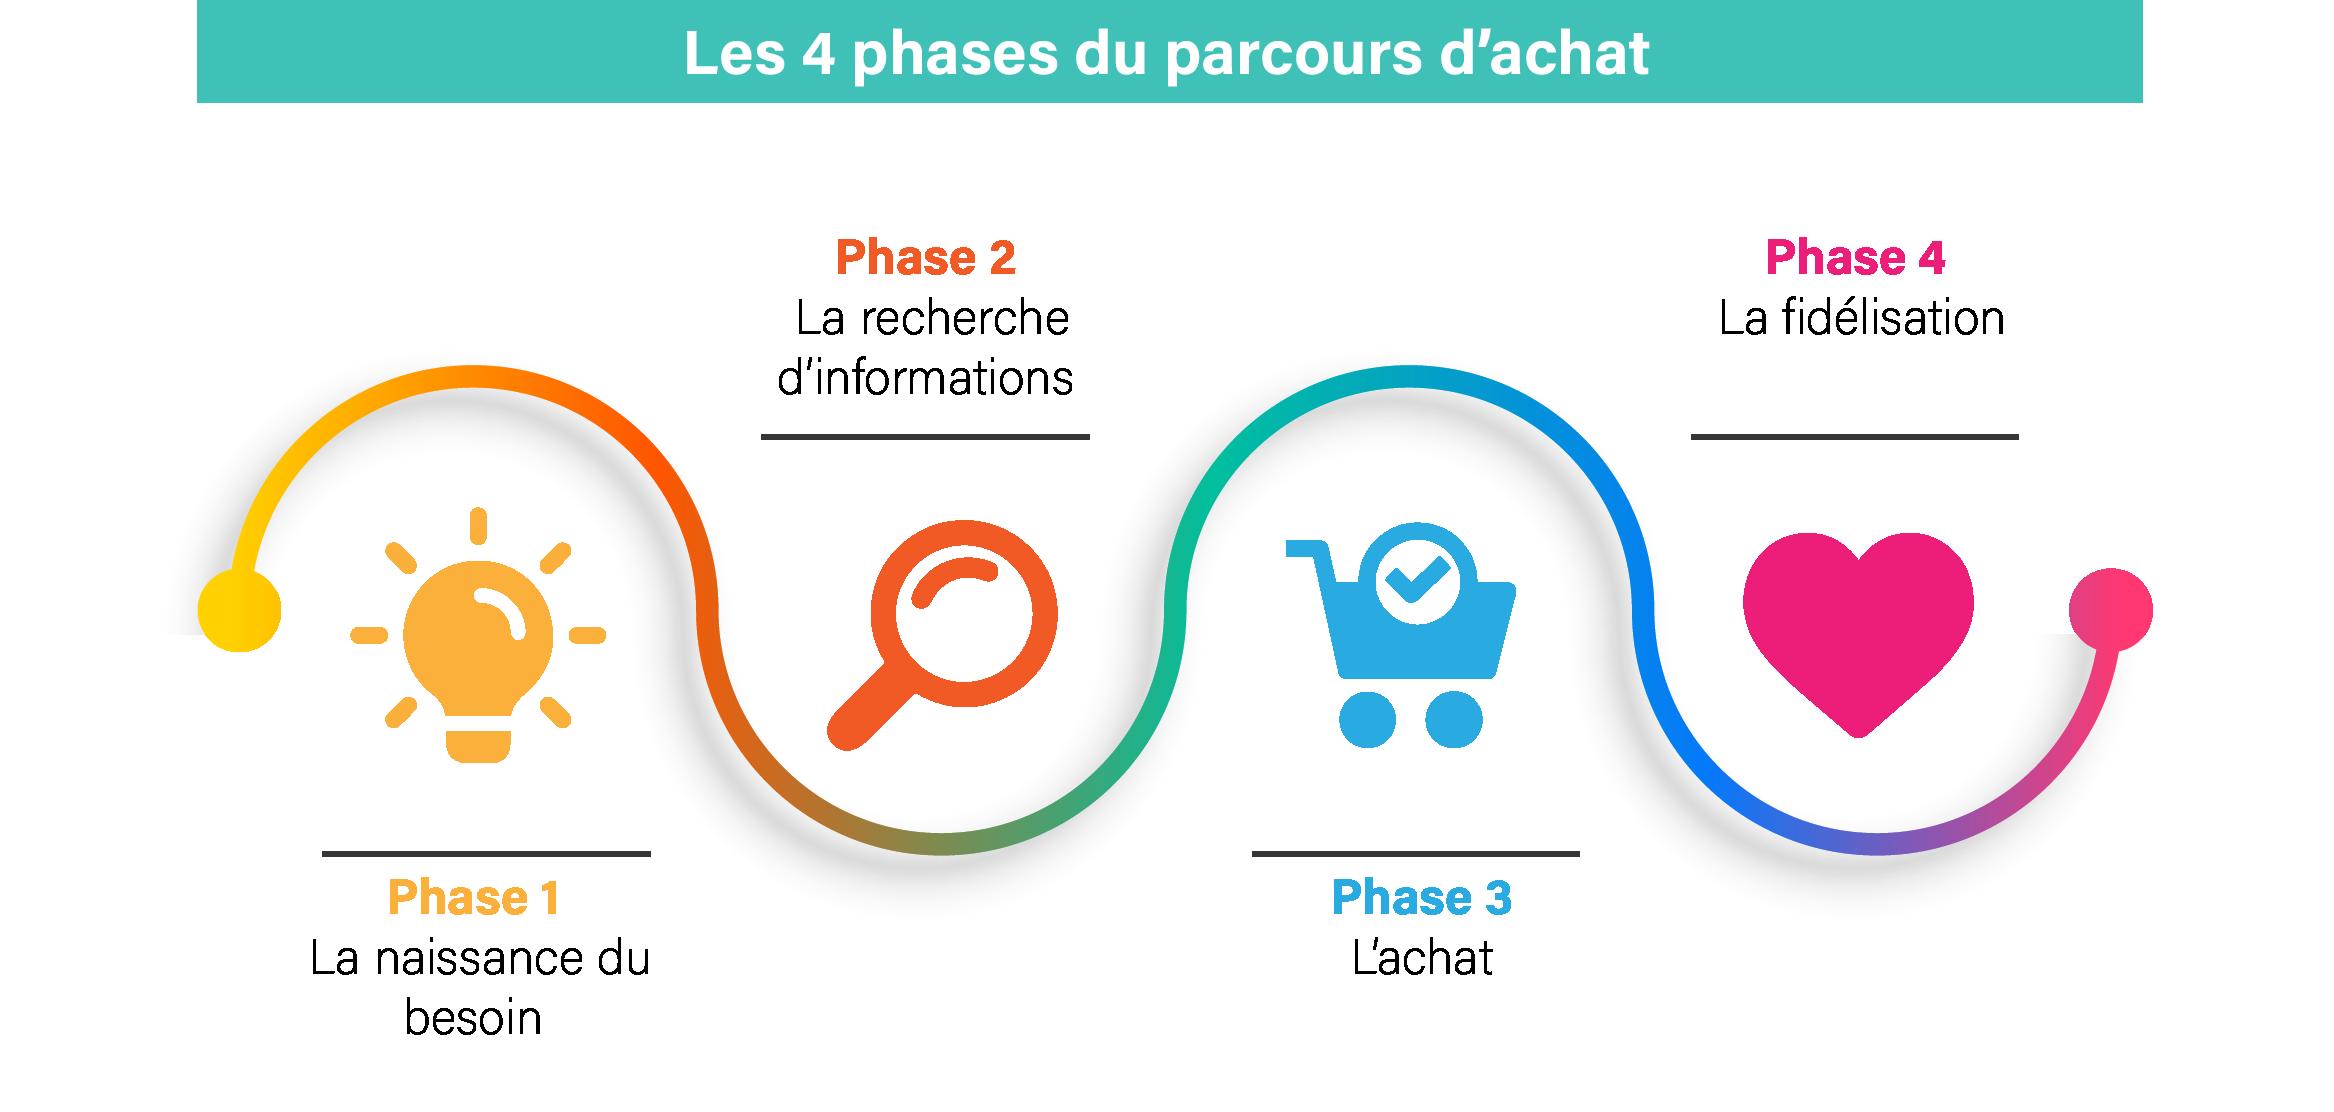 Parcours dachat - 4 etapes du parcours